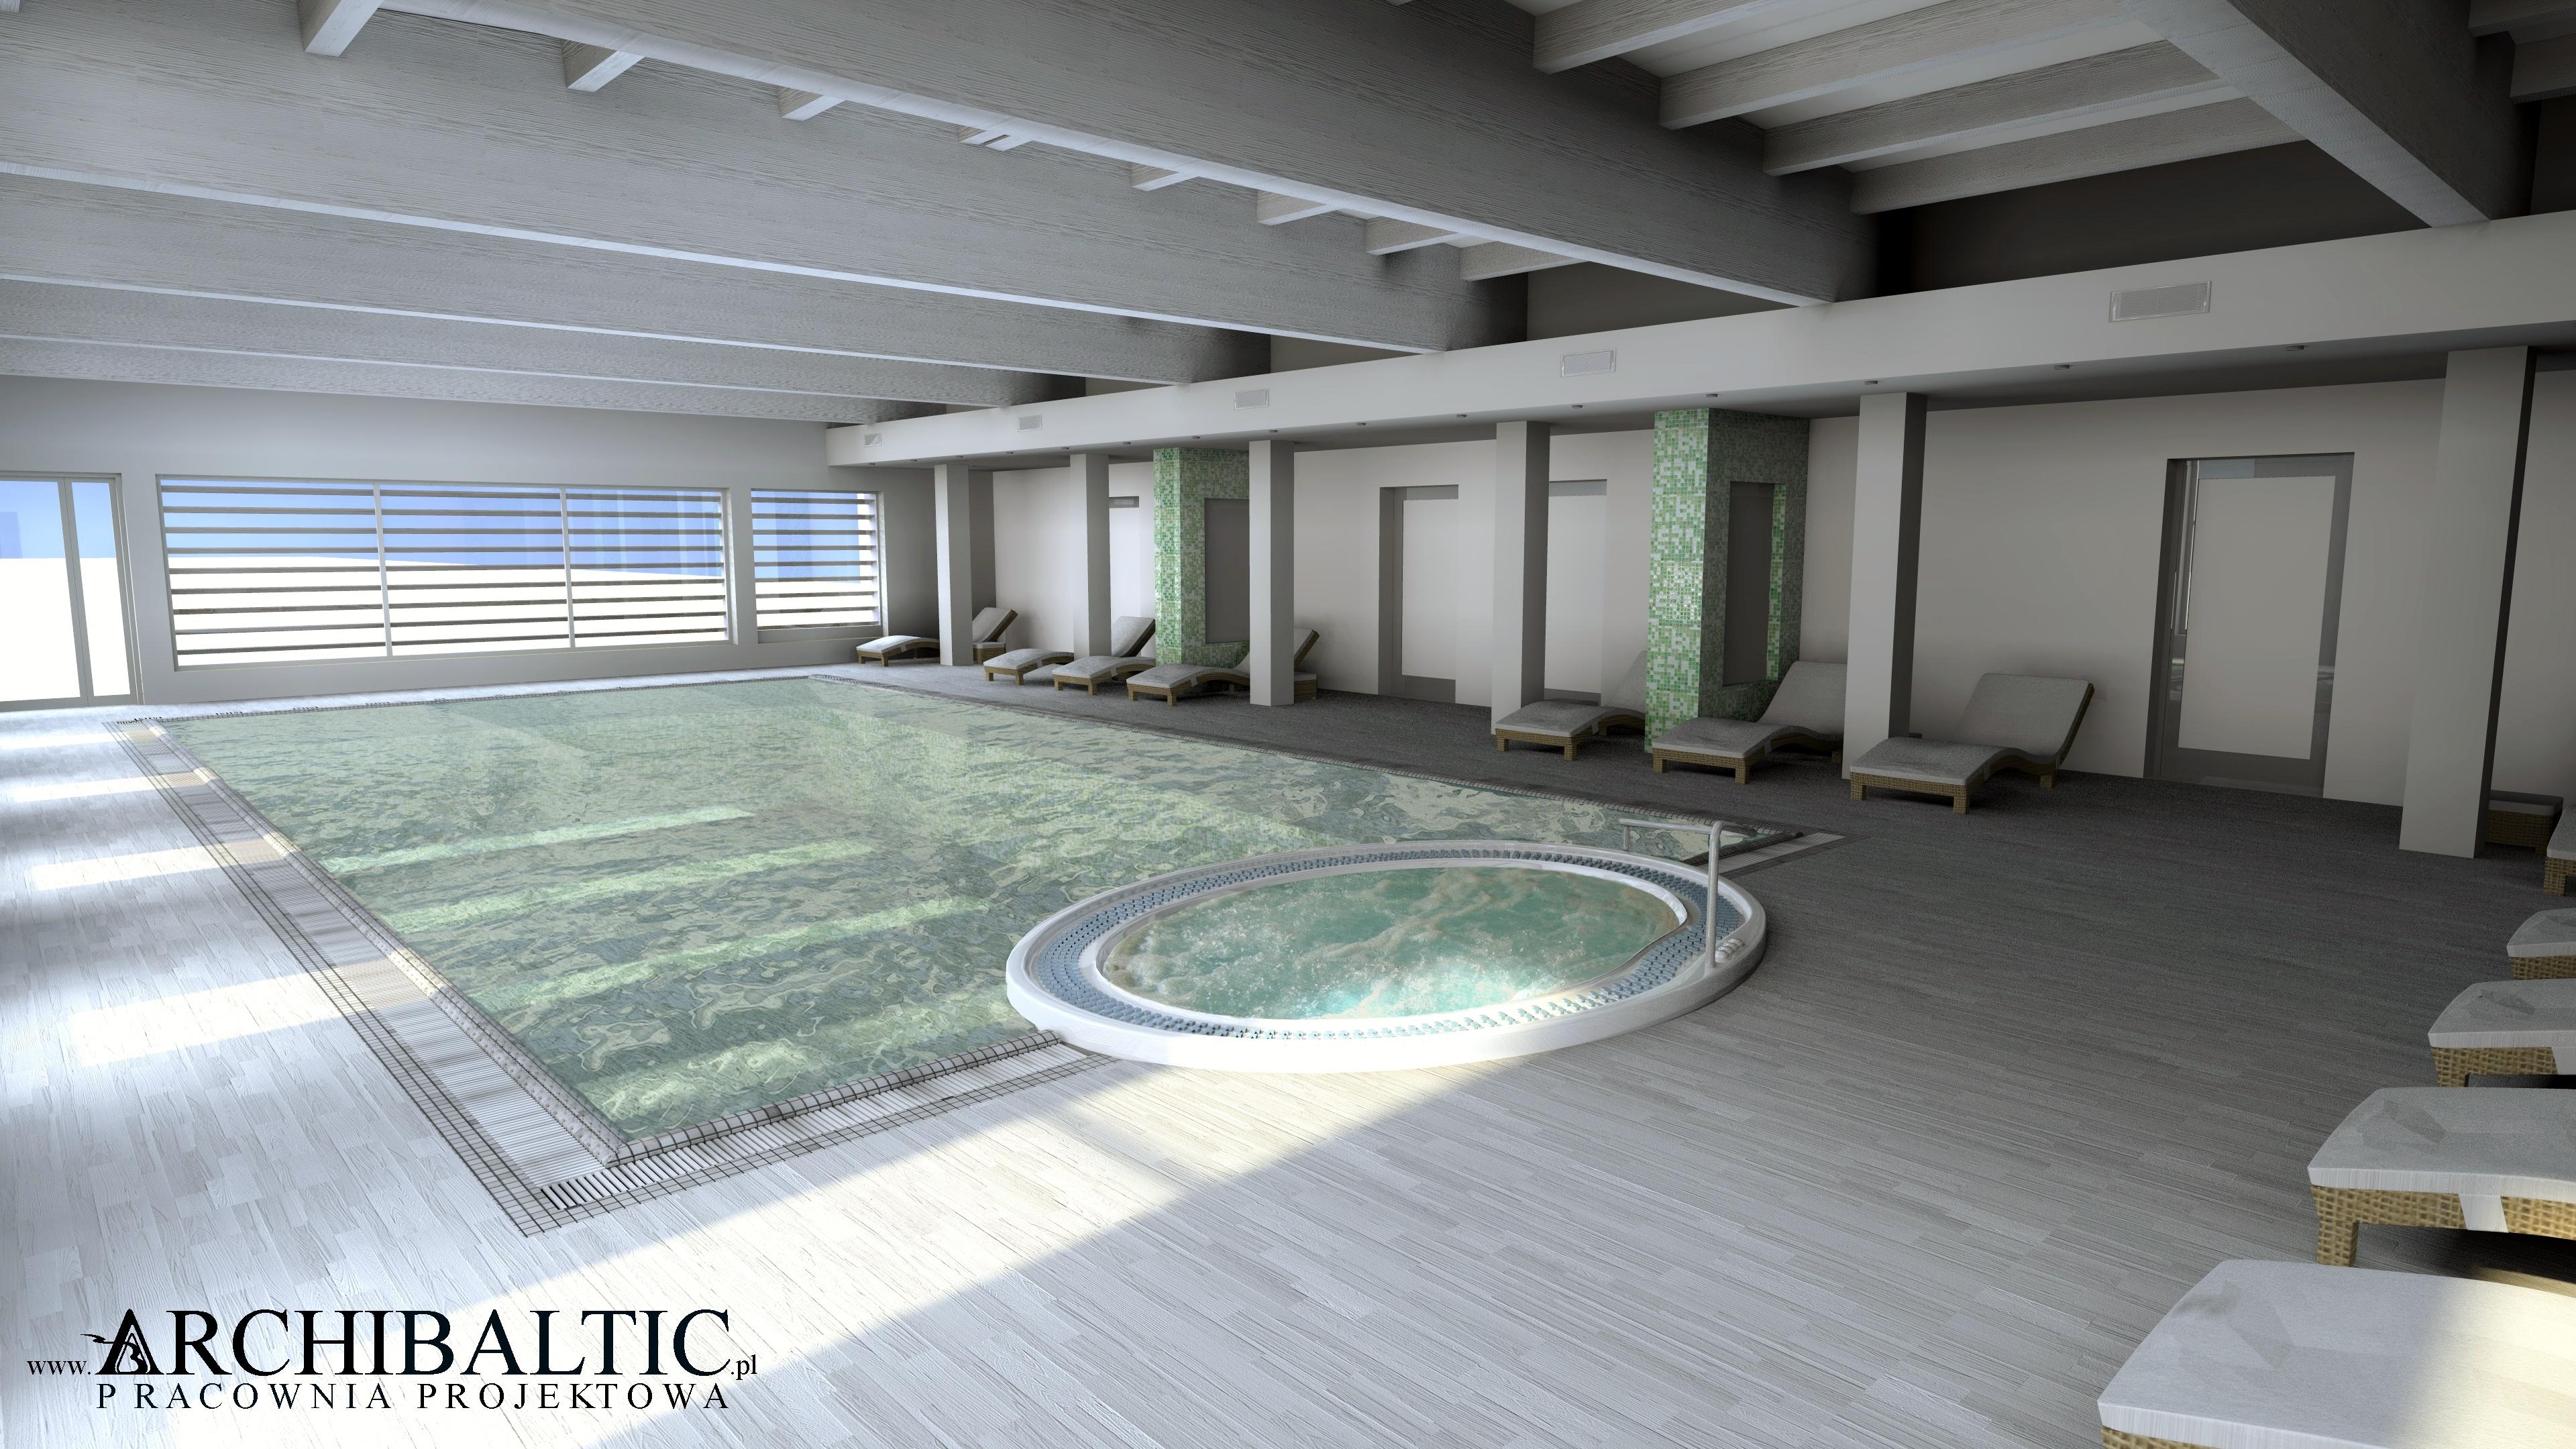 projekt koncepcyjny wnętrza wnętza basenu hotelowego z jacuzzi